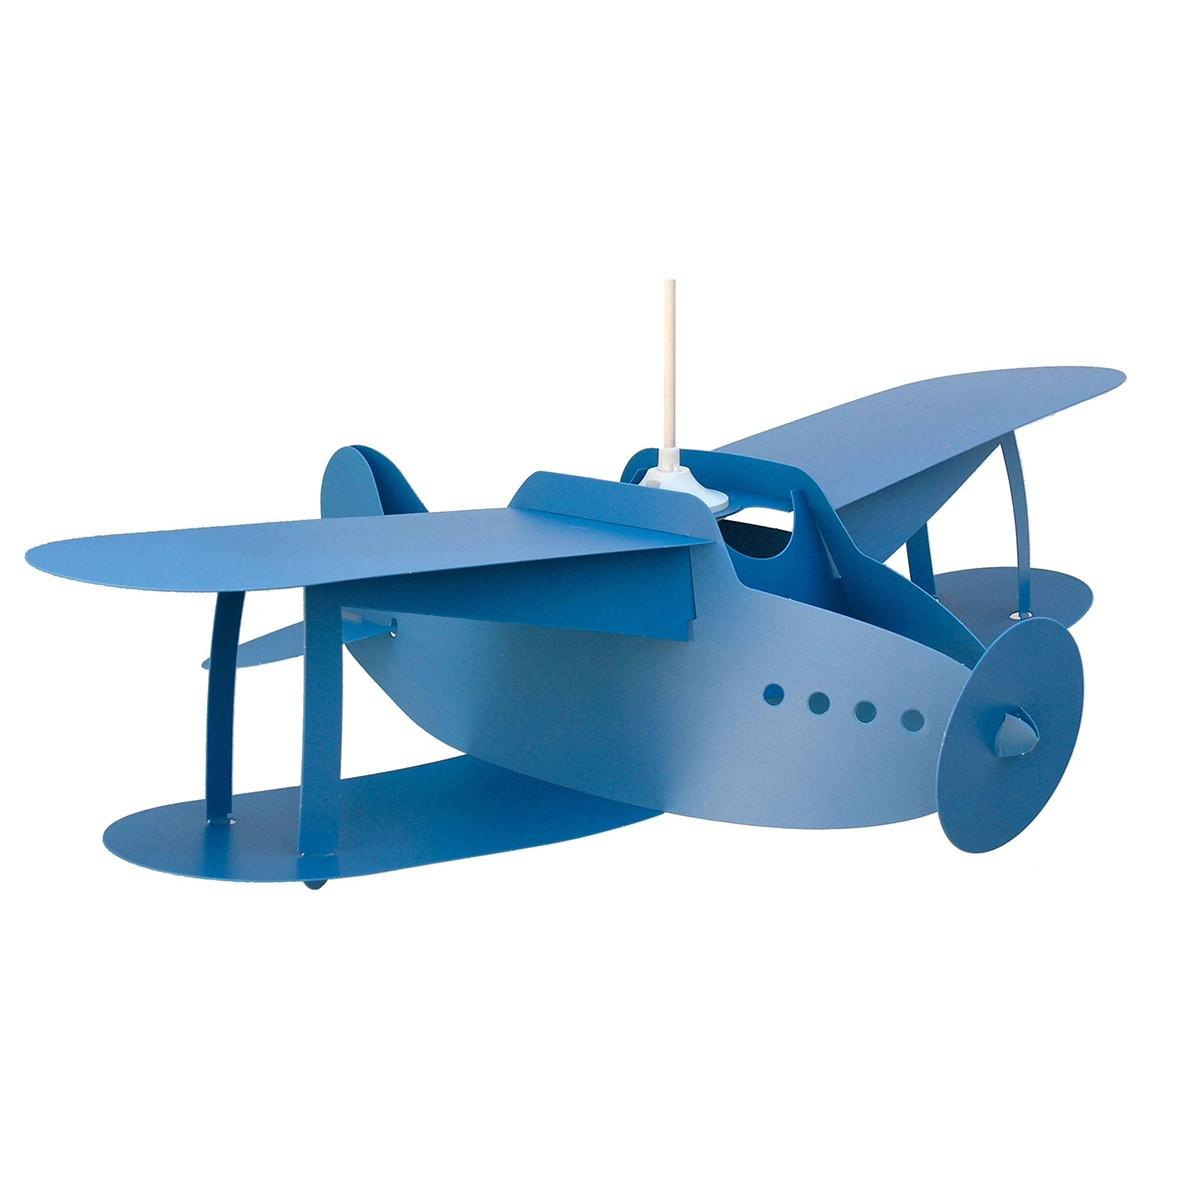 Φωτιστικό Οροφής R&M Coudert Αεροπλάνο Μπλε 87003